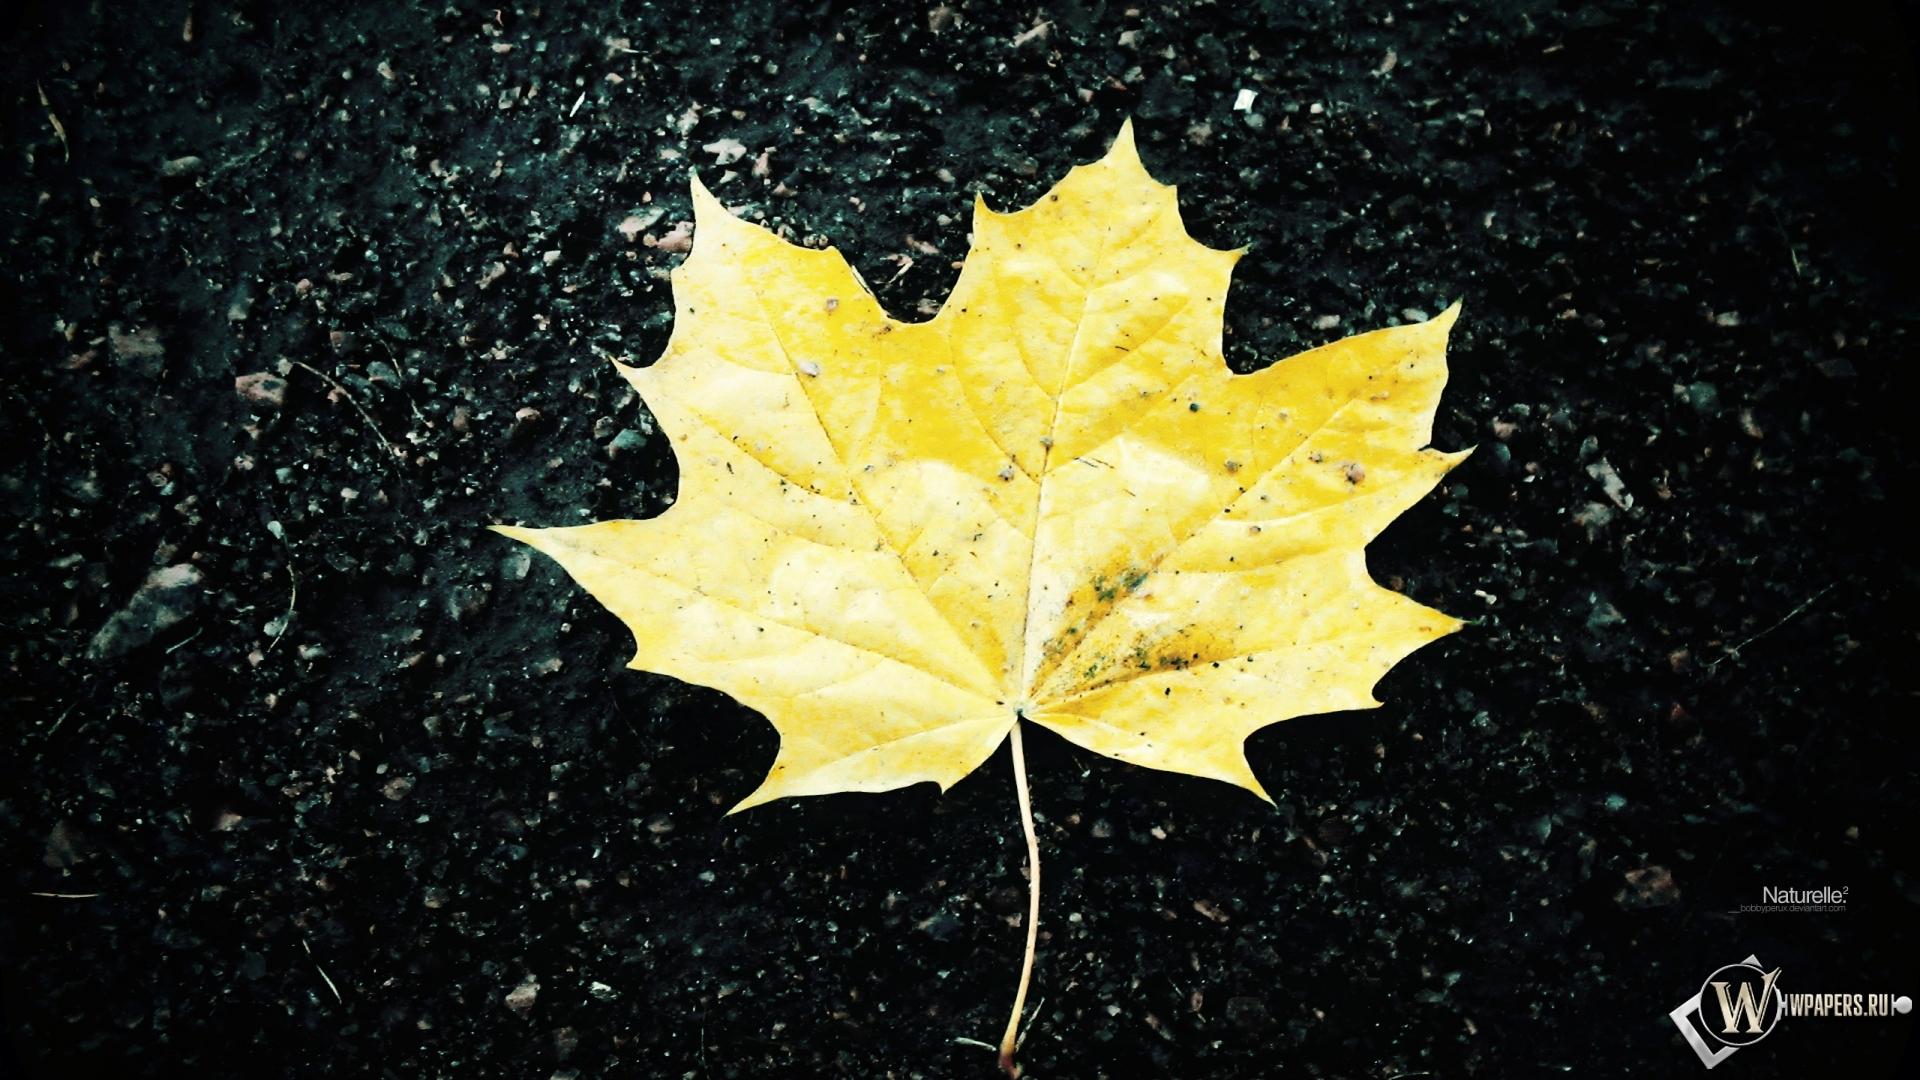 Жёлтый кленовый лист 1920x1080